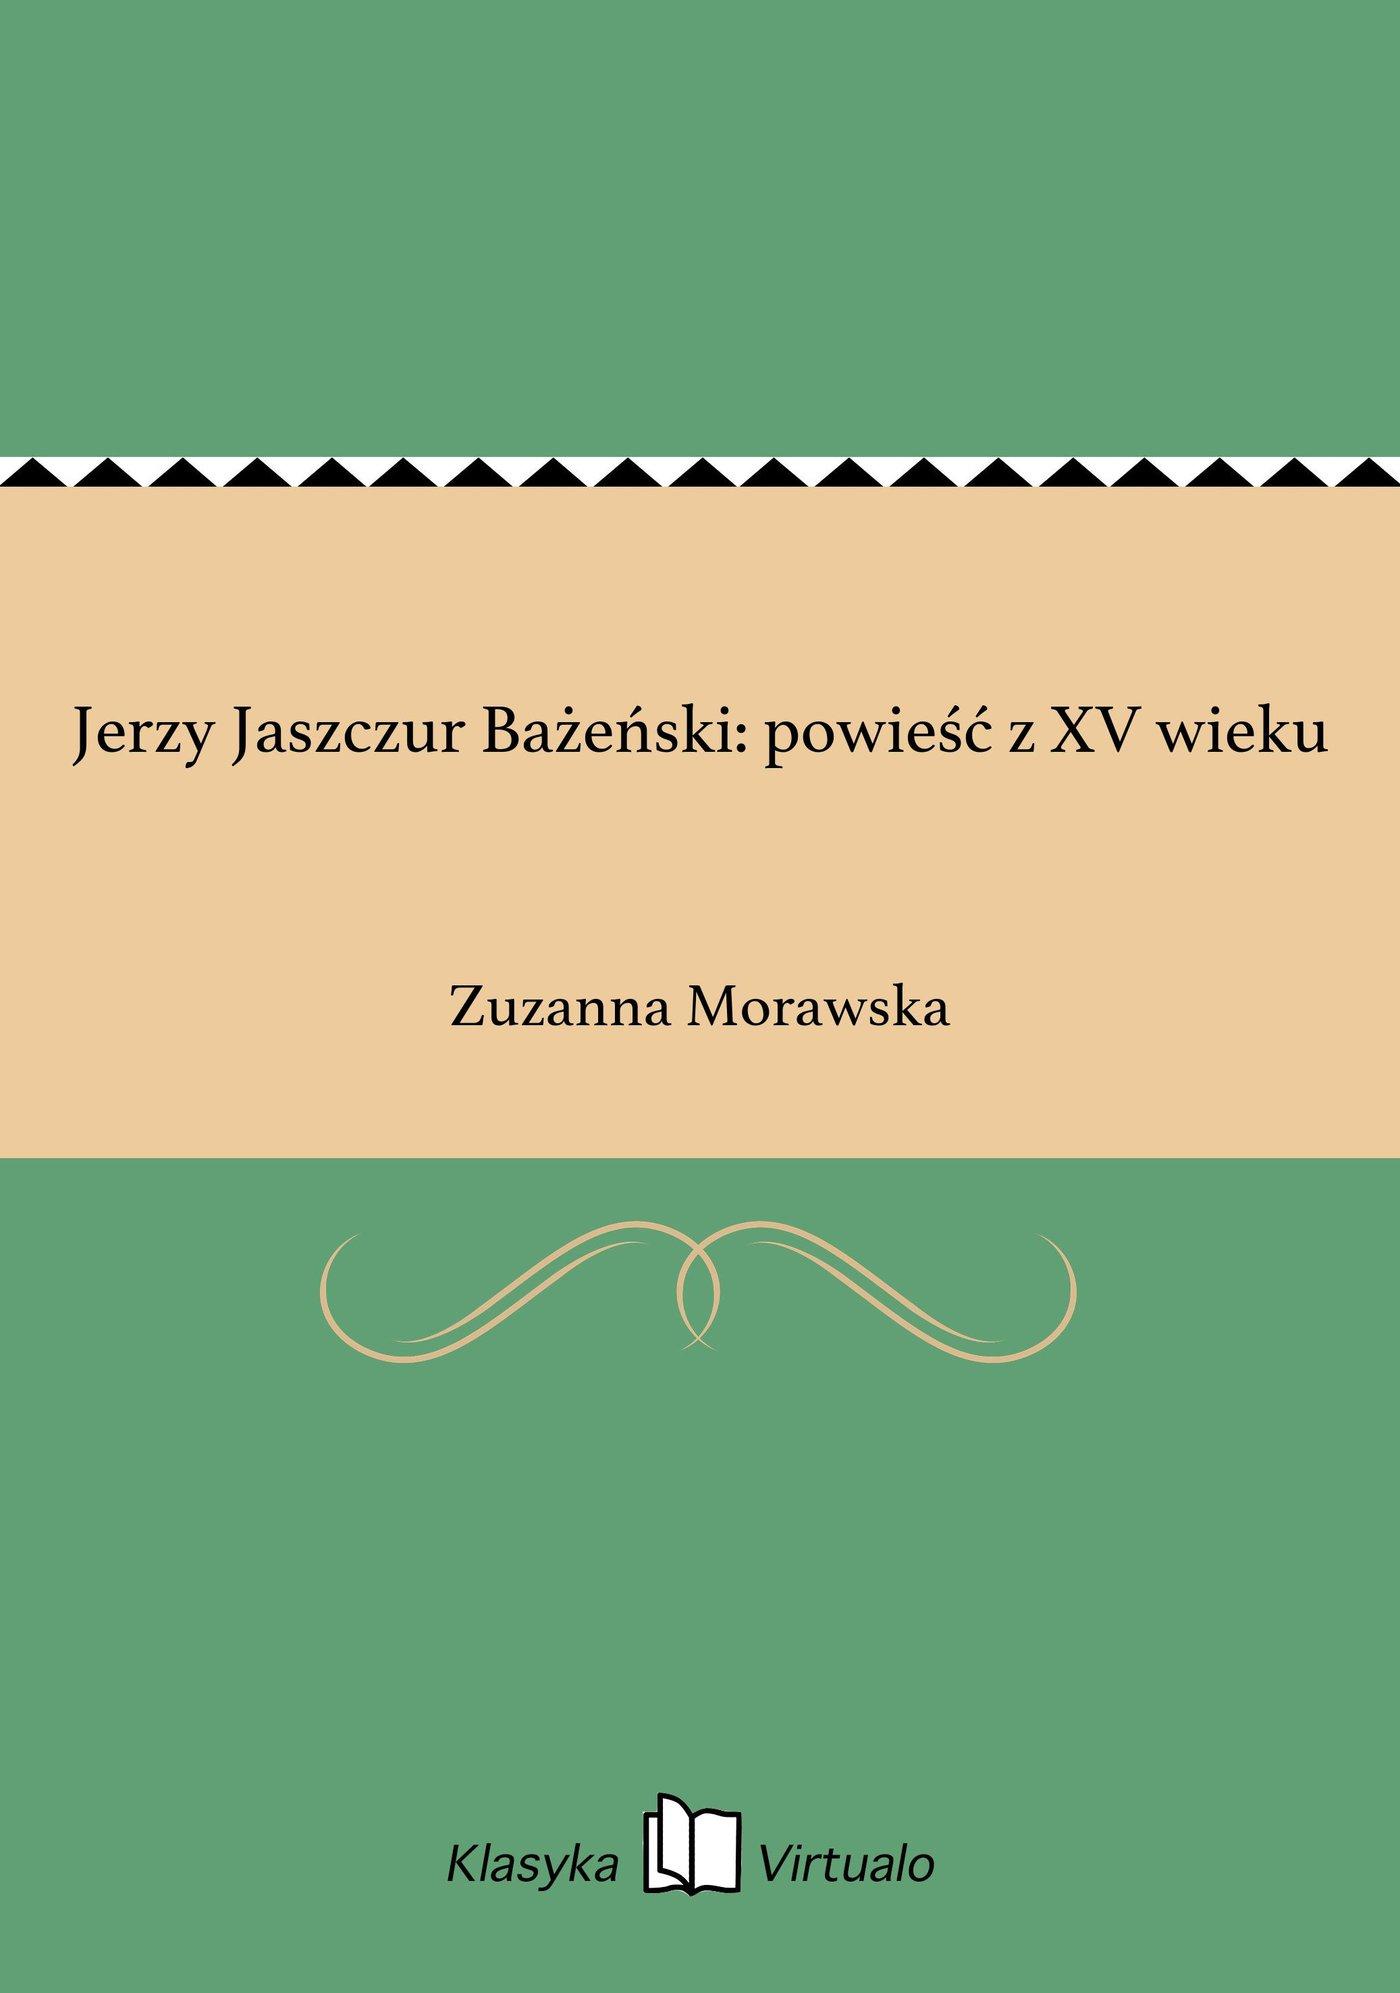 Jerzy Jaszczur Bażeński: powieść z XV wieku - Ebook (Książka EPUB) do pobrania w formacie EPUB